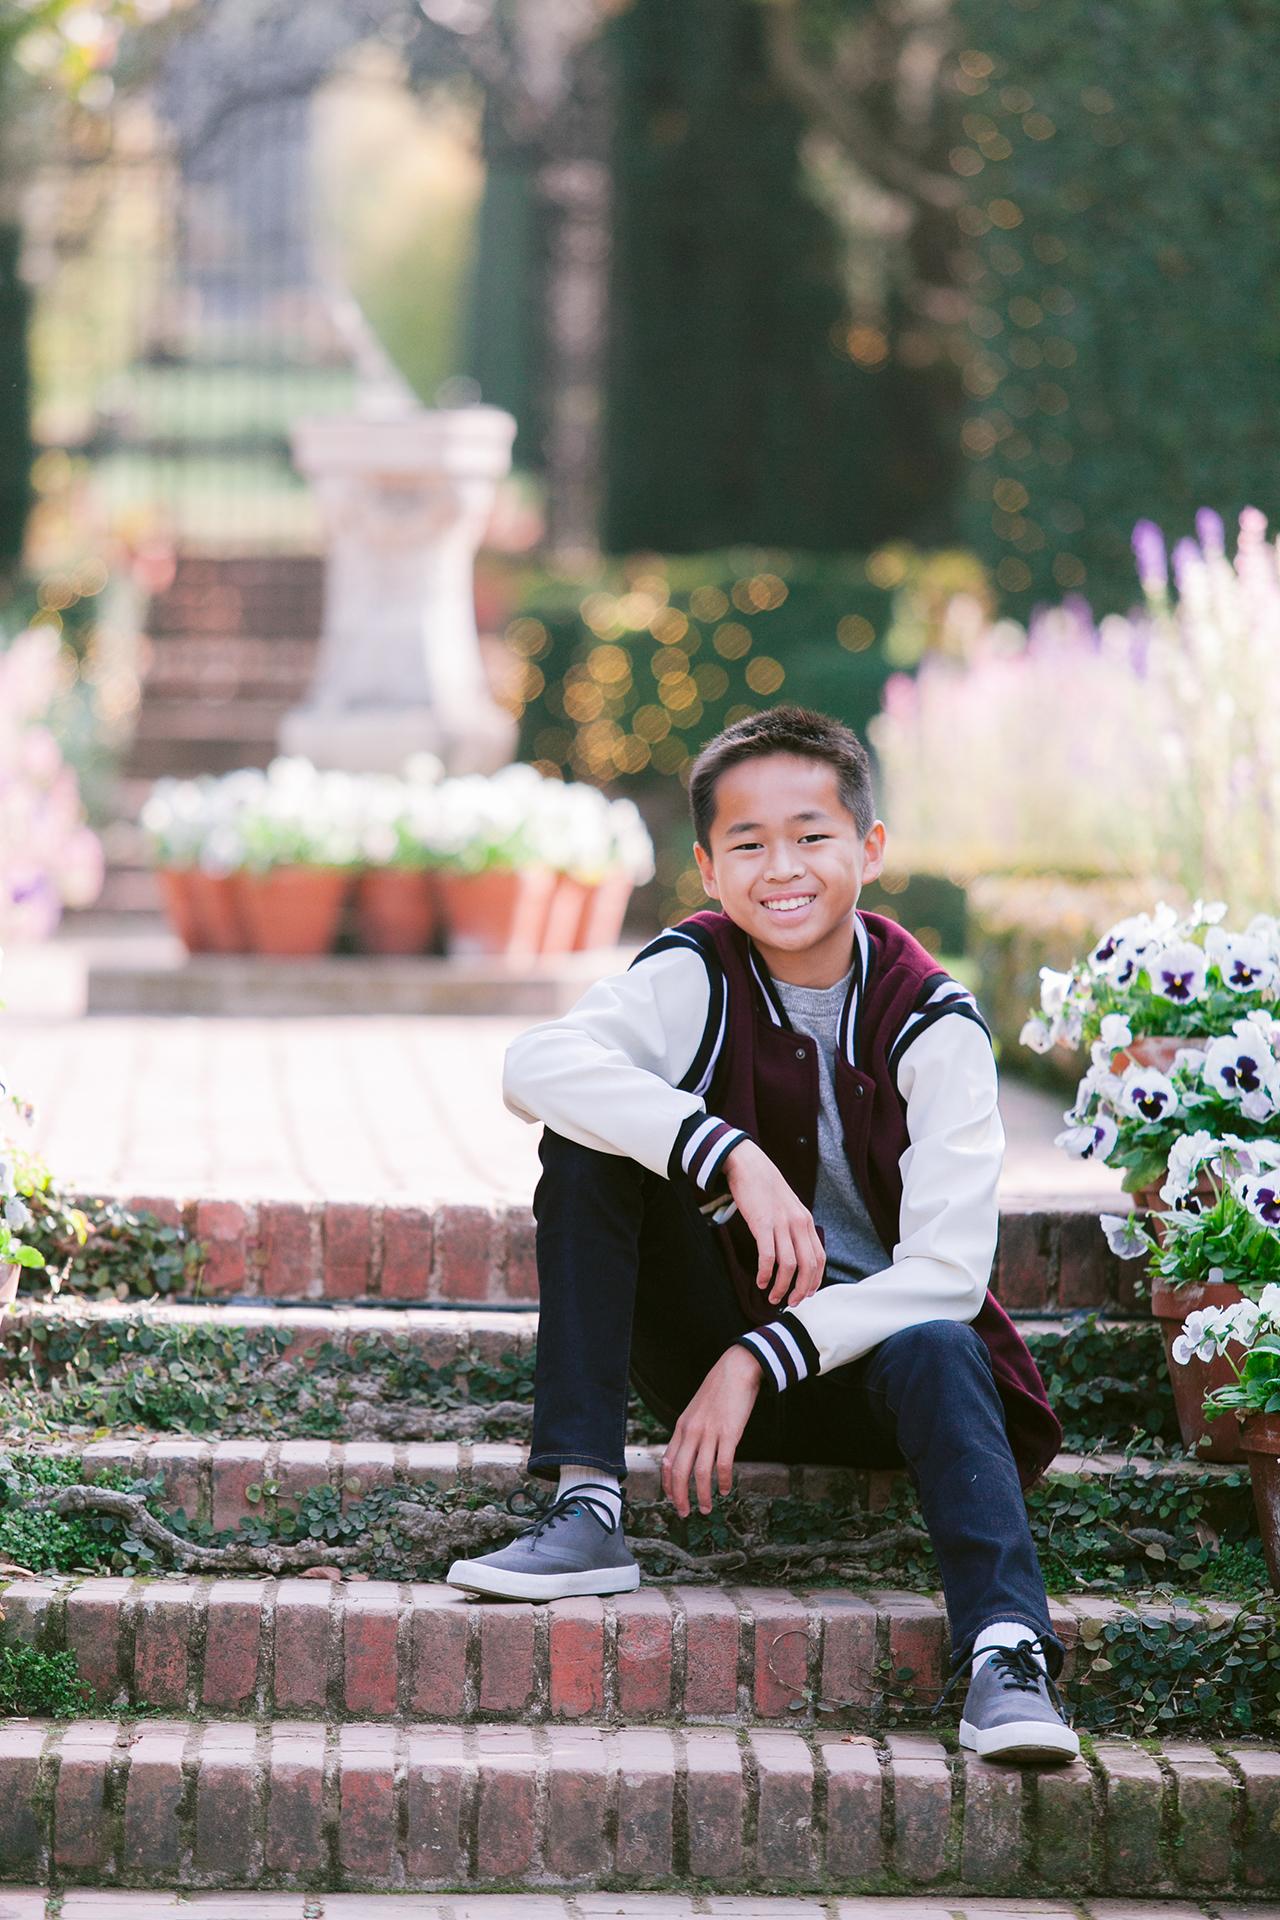 Fioli_Gardens_Woodside_Children_and_Family_Portrait_014.jpg